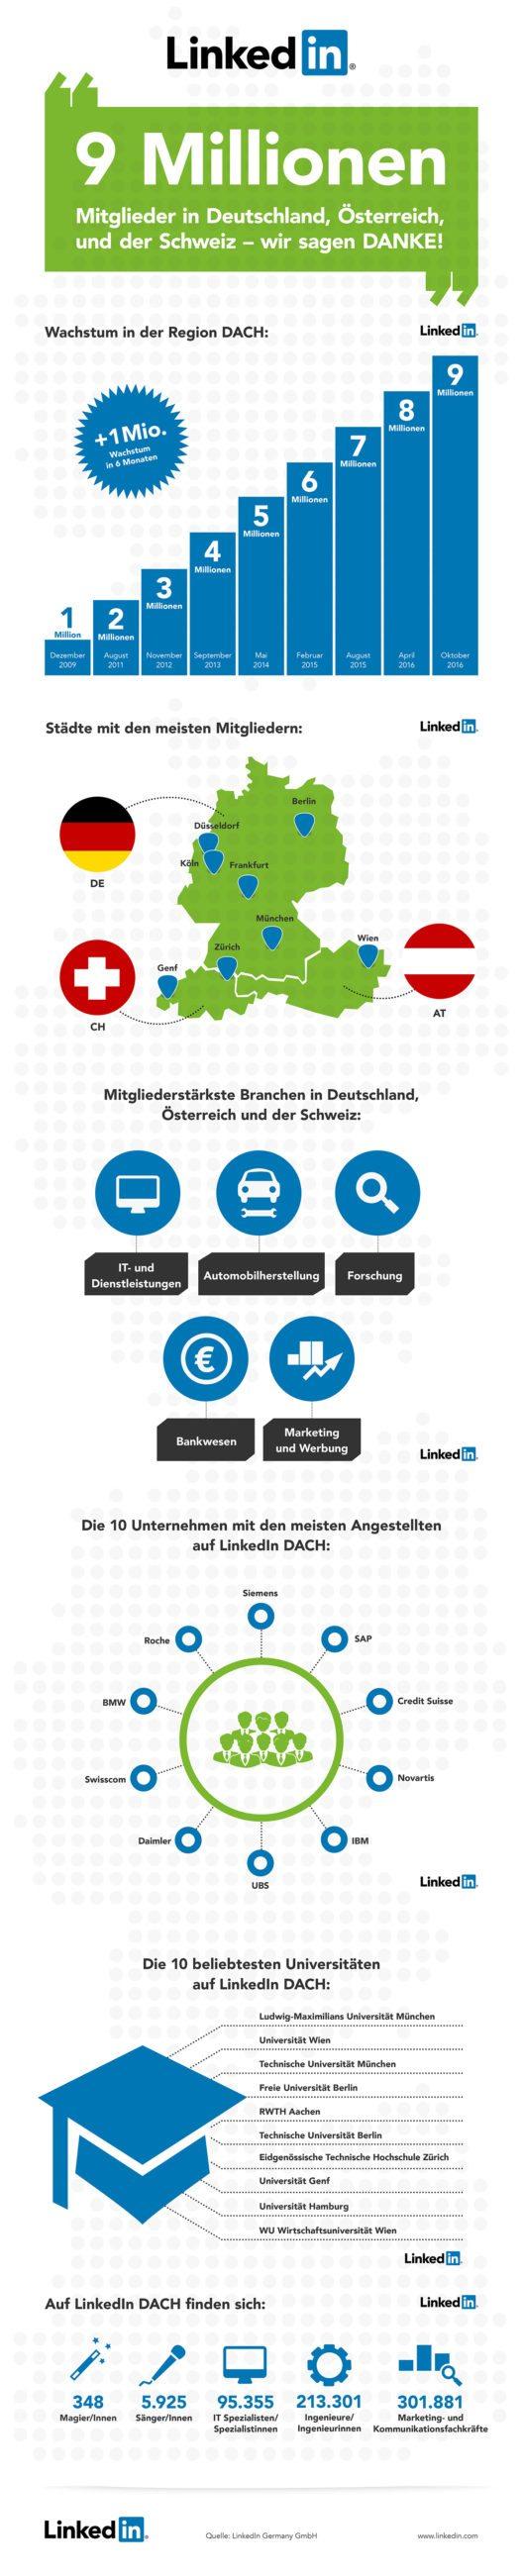 LinkedIn Infografik 9 Millionen Mitglieder in Deutschland, Österreich und der Schweiz. (Bild: obs/LinkedIn Corporation/Markus Pellot)